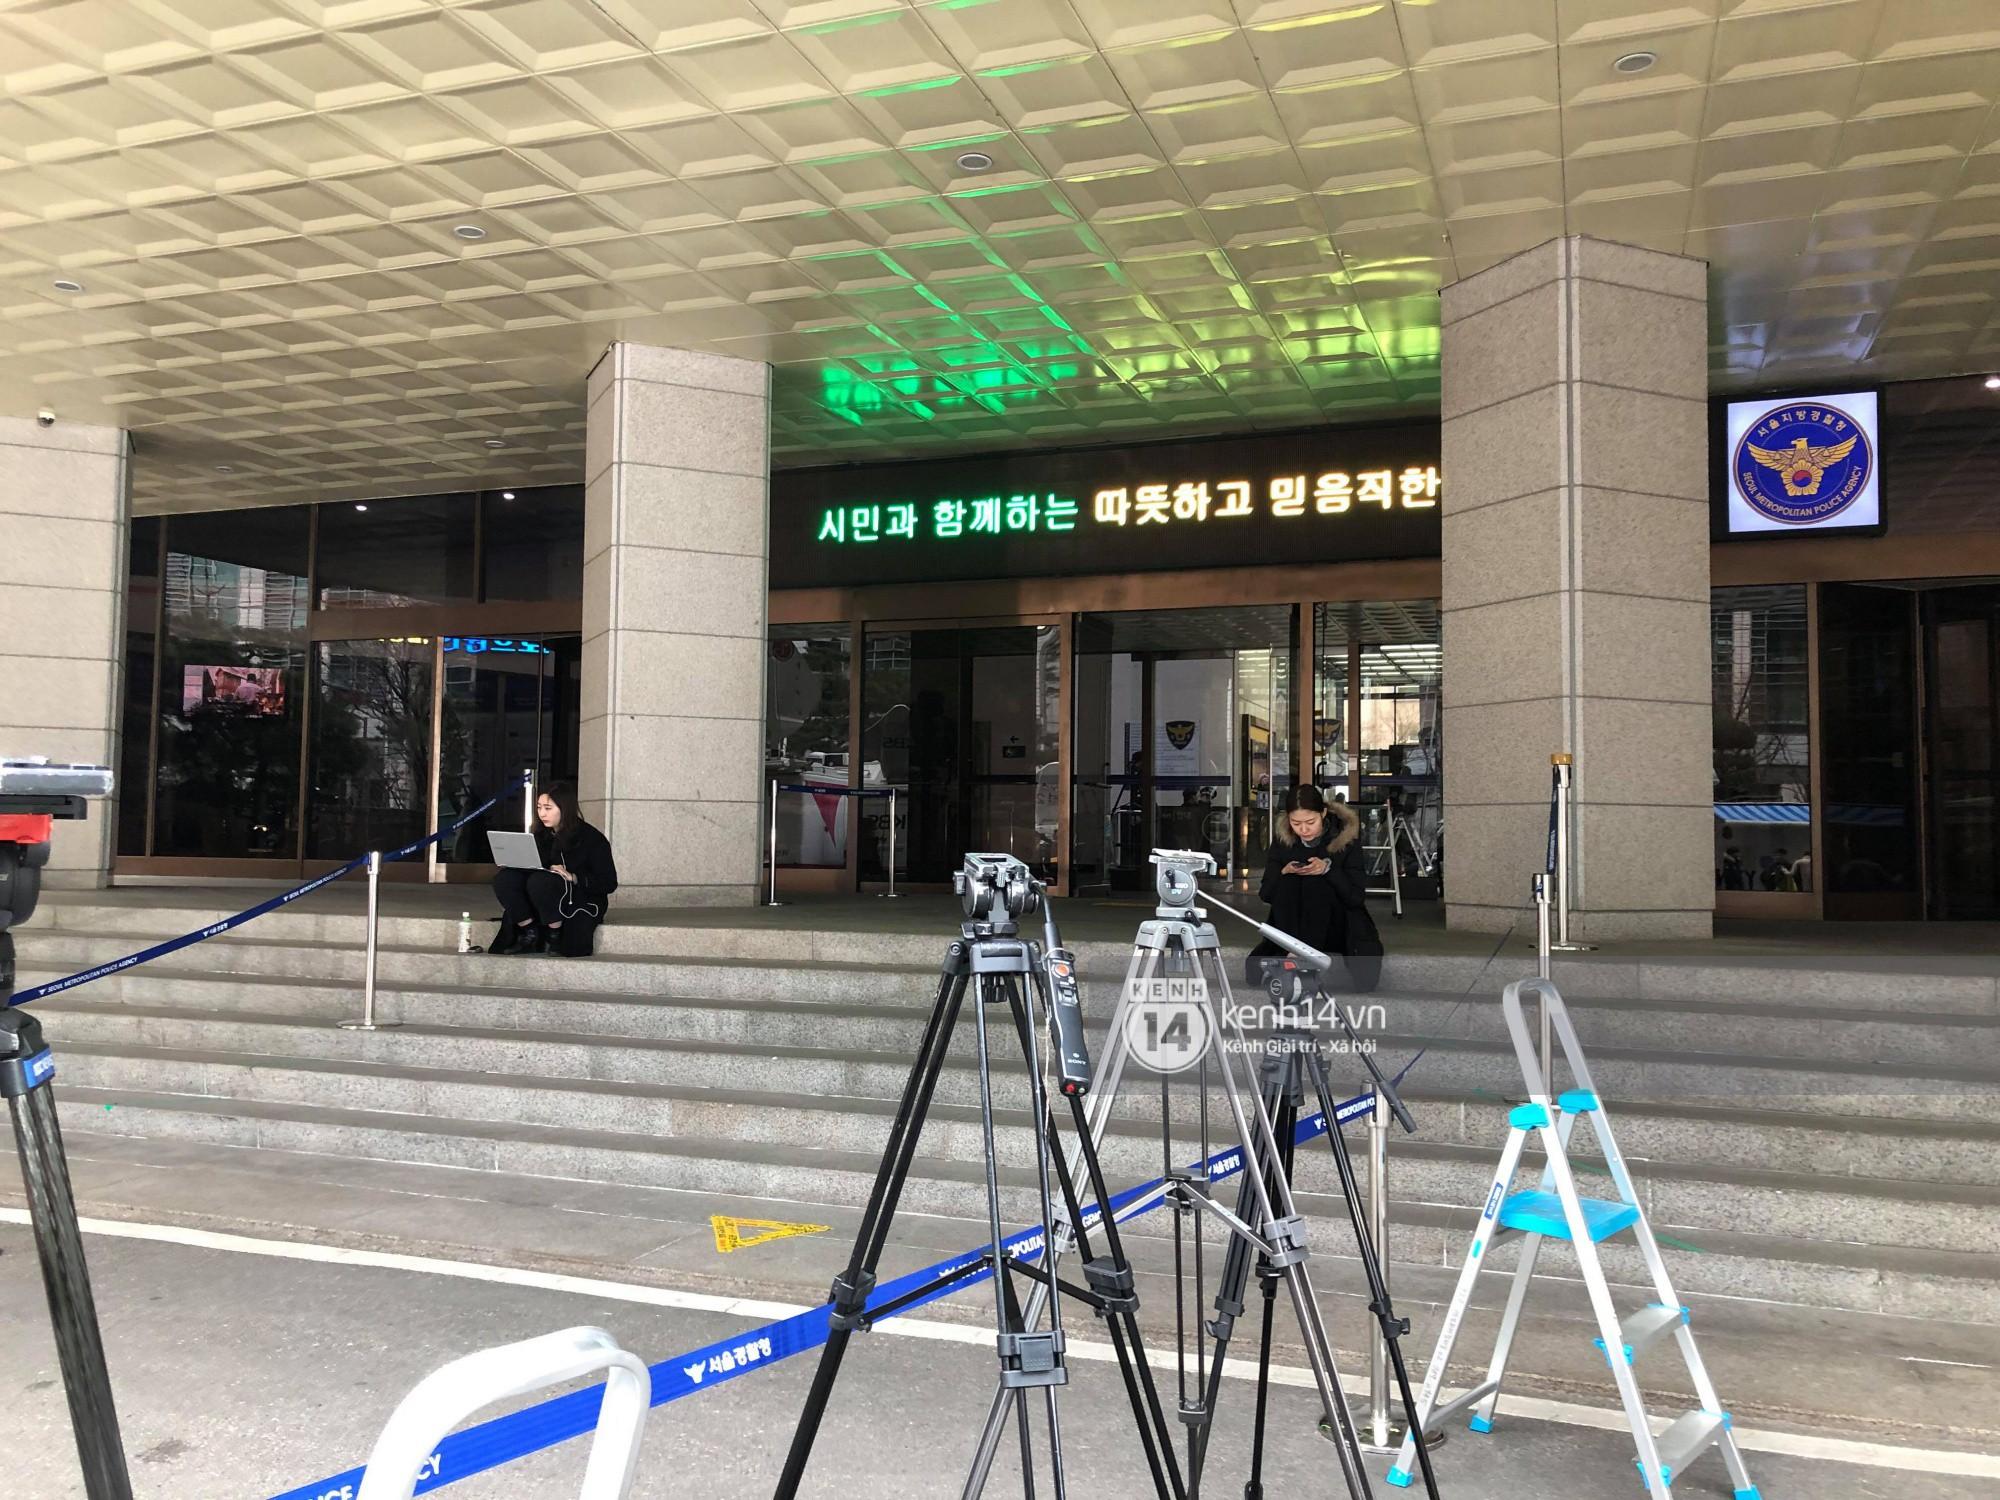 Tường thuật độc quyền từ Hàn Quốc: Seungri, Jung Joon Young chuẩn bị thẩm vấn xong, không khí hiện tại ra sao? - Ảnh 13.